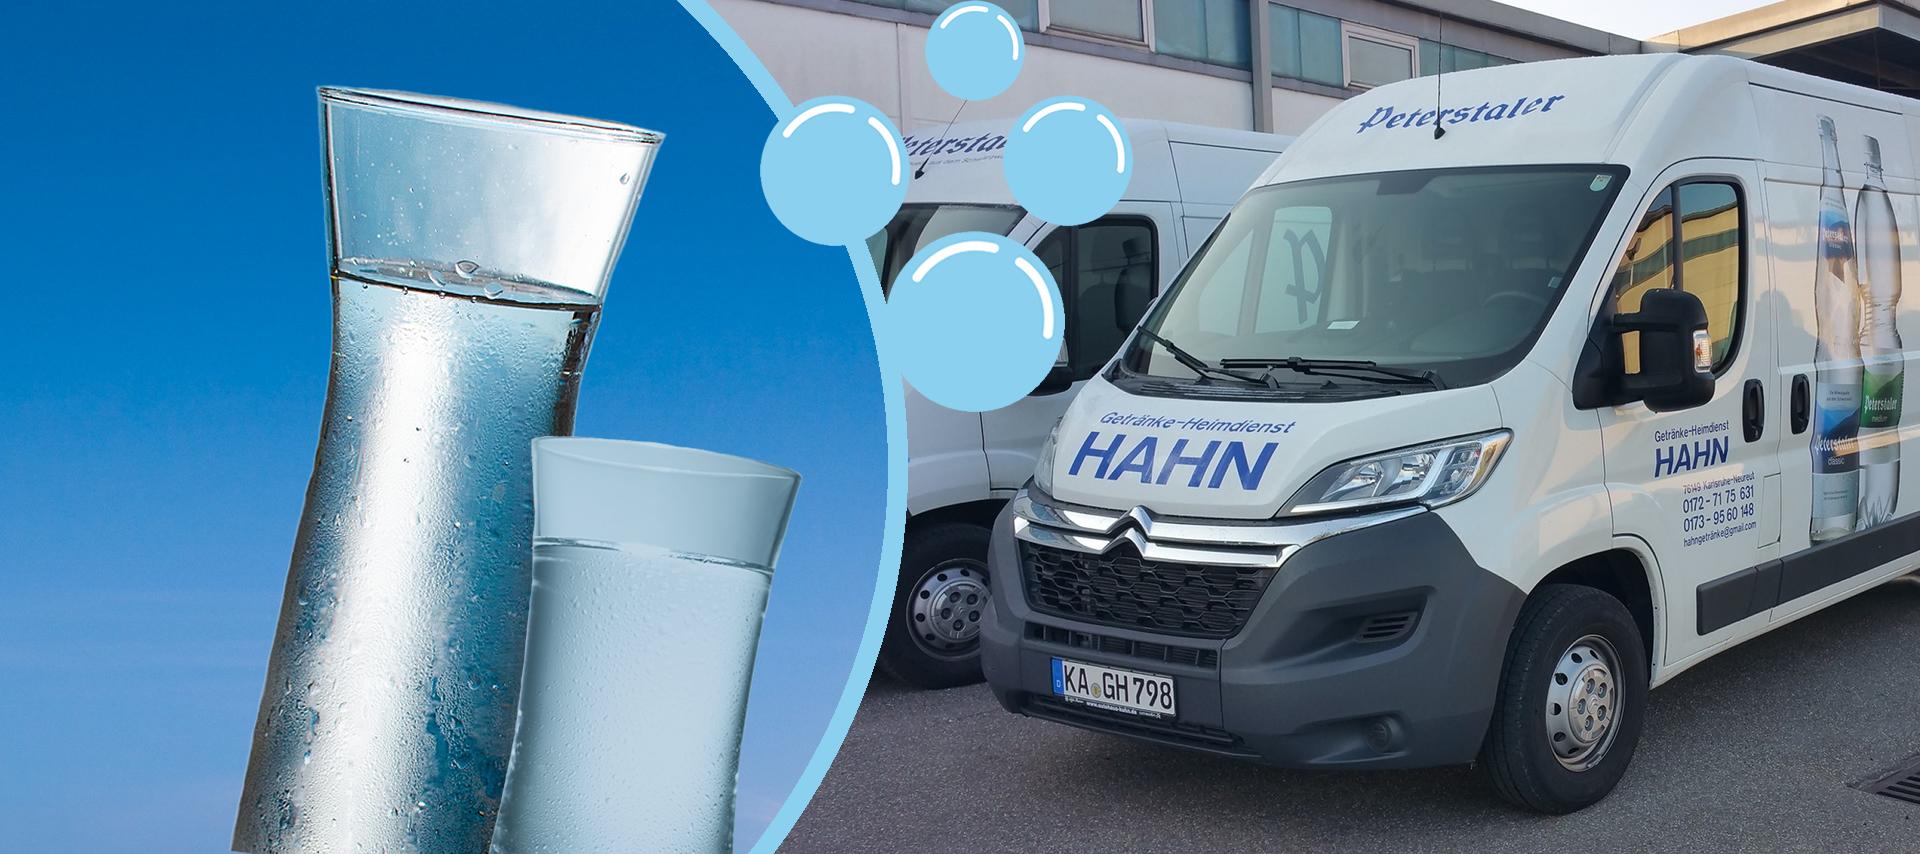 Getränkeheimdienst Hahn - Karlsruhe |Getränke|Getränkelieferung ...